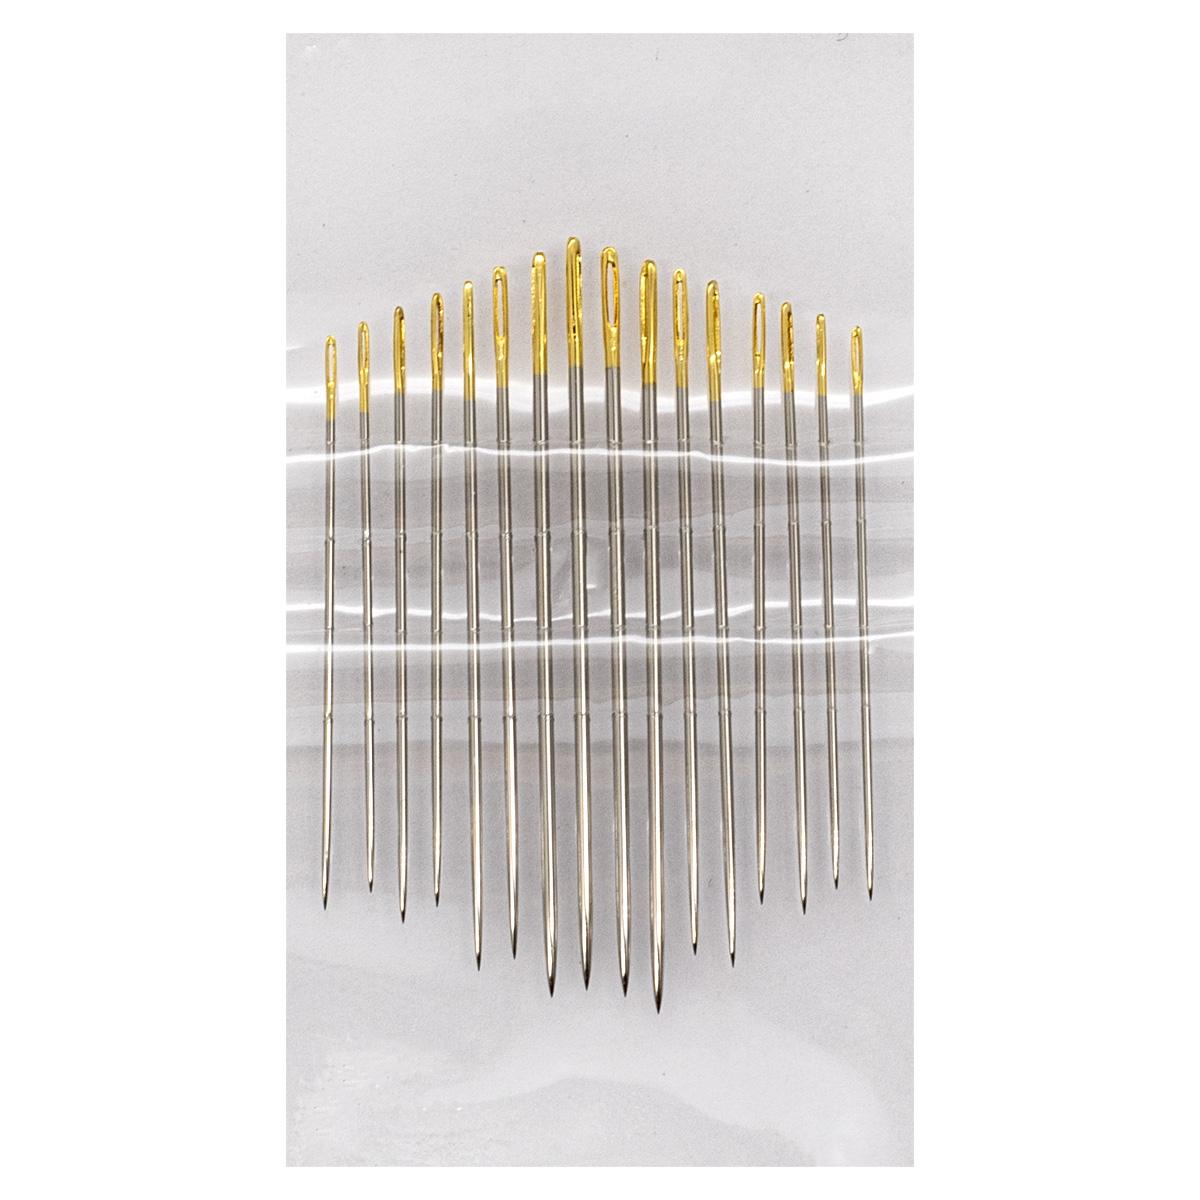 Иглы ручные с золотым ушком для тонкой шерсти №5-10, 16шт. 110109/g, Hobby&Pro